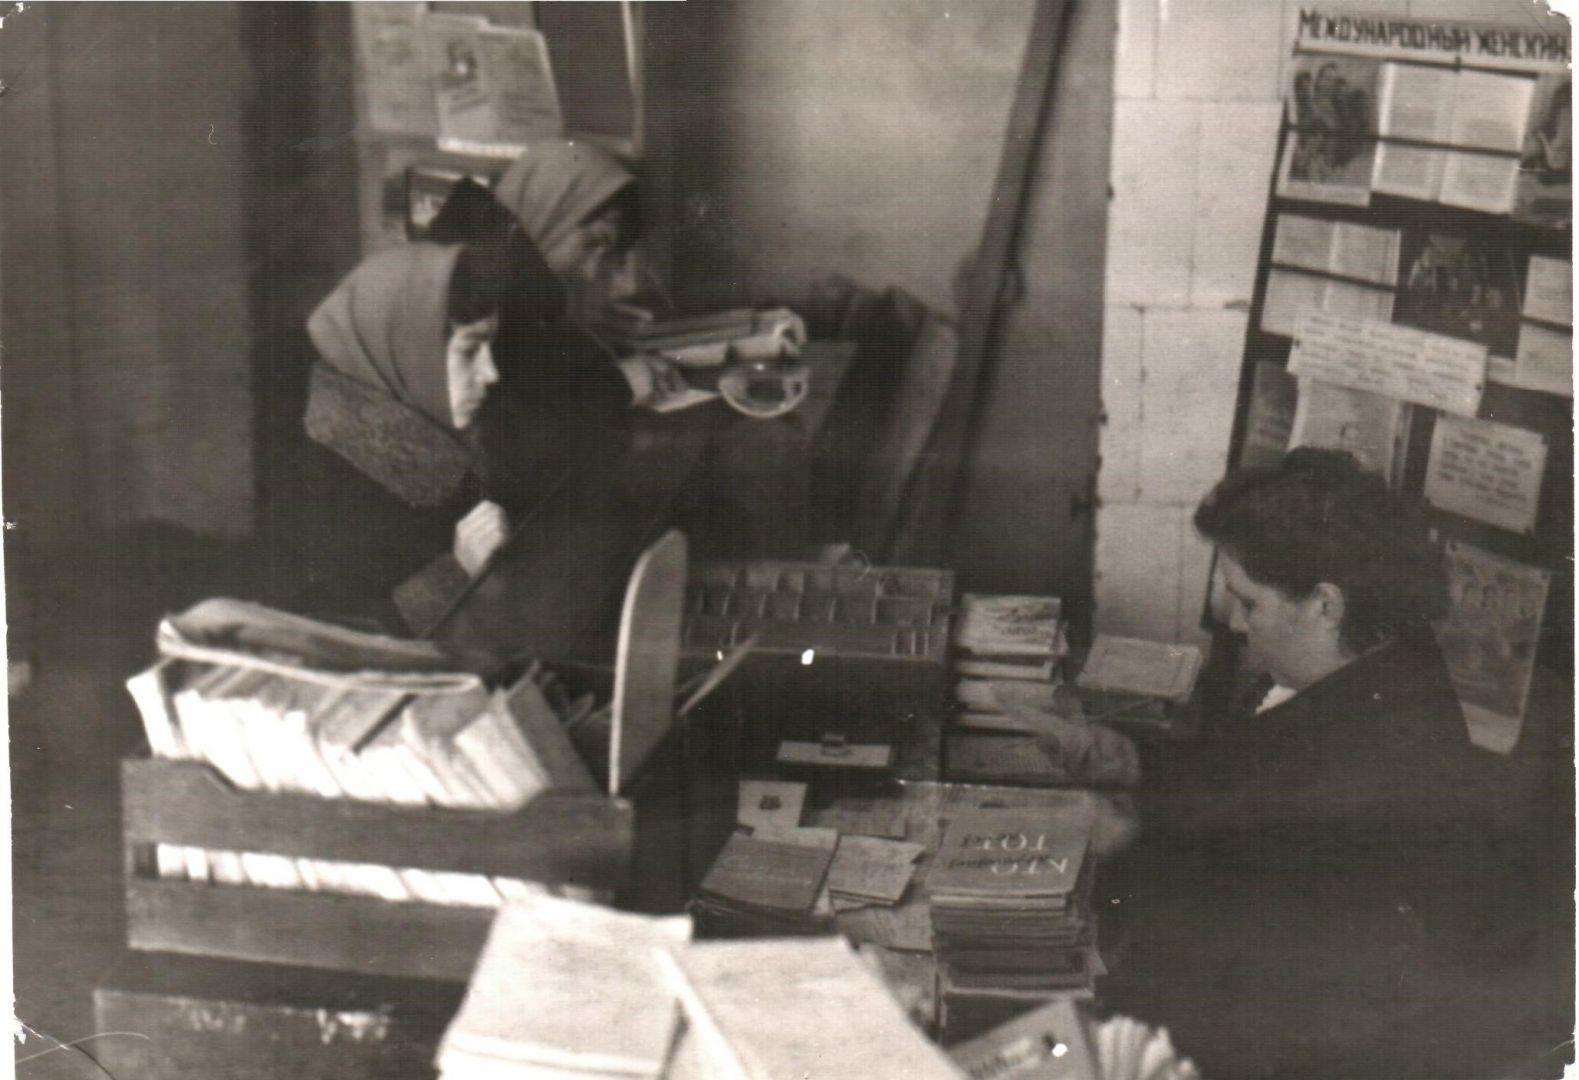 Любовь Комолова – юный читатель детской библиотеки. Впоследствии с 1976 по 1988 гг. возглавляла ЦБС Гороховецкого района